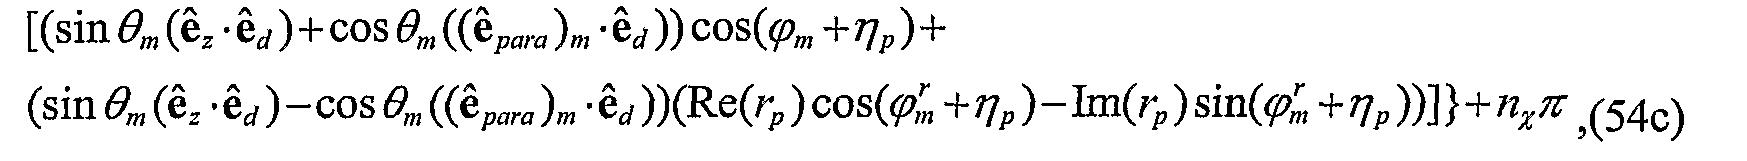 Figure imgf000102_0006